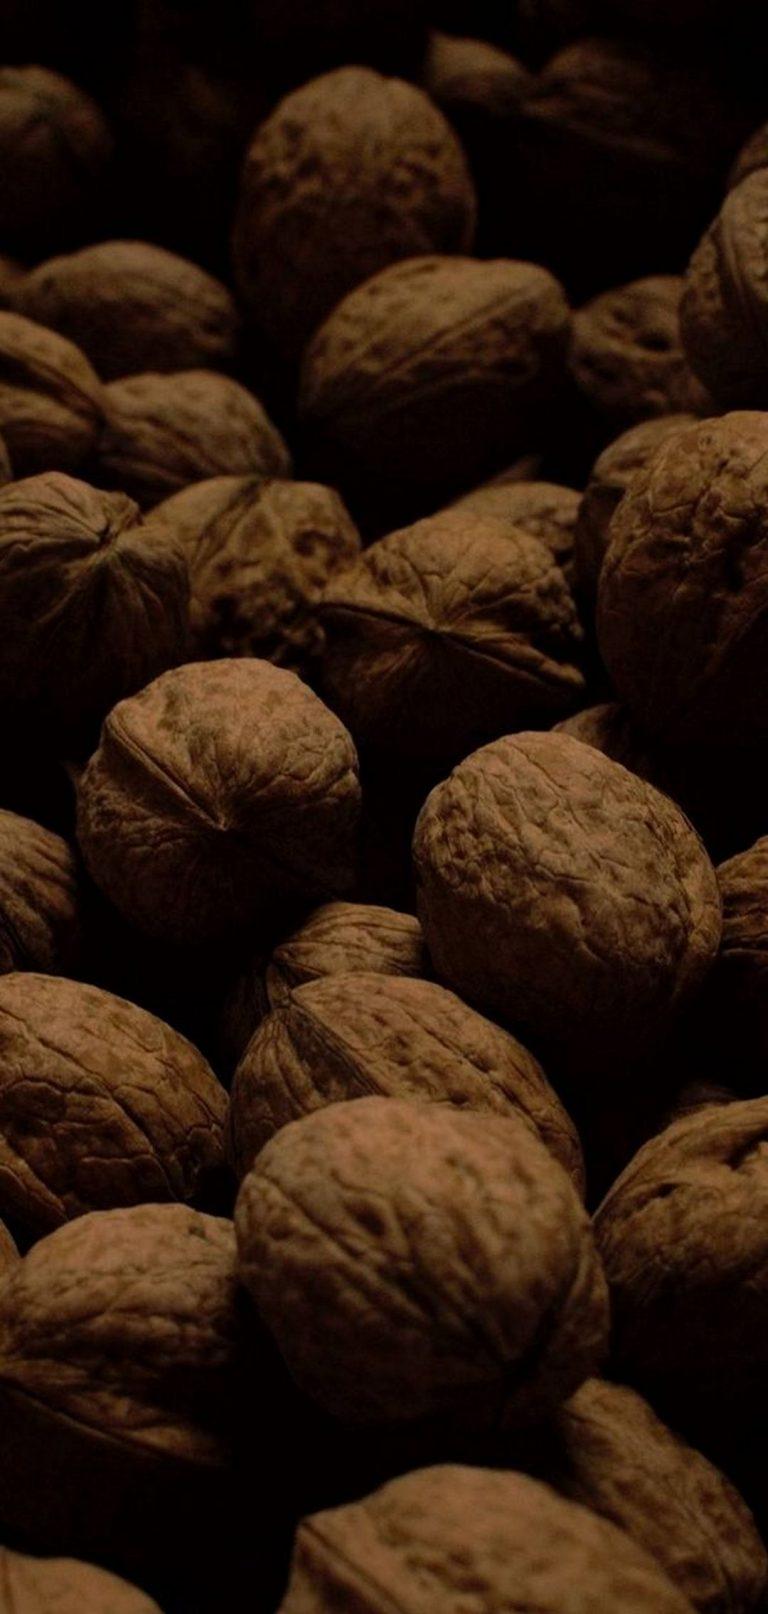 Dark Walnuts Food 1080x2270 768x1614